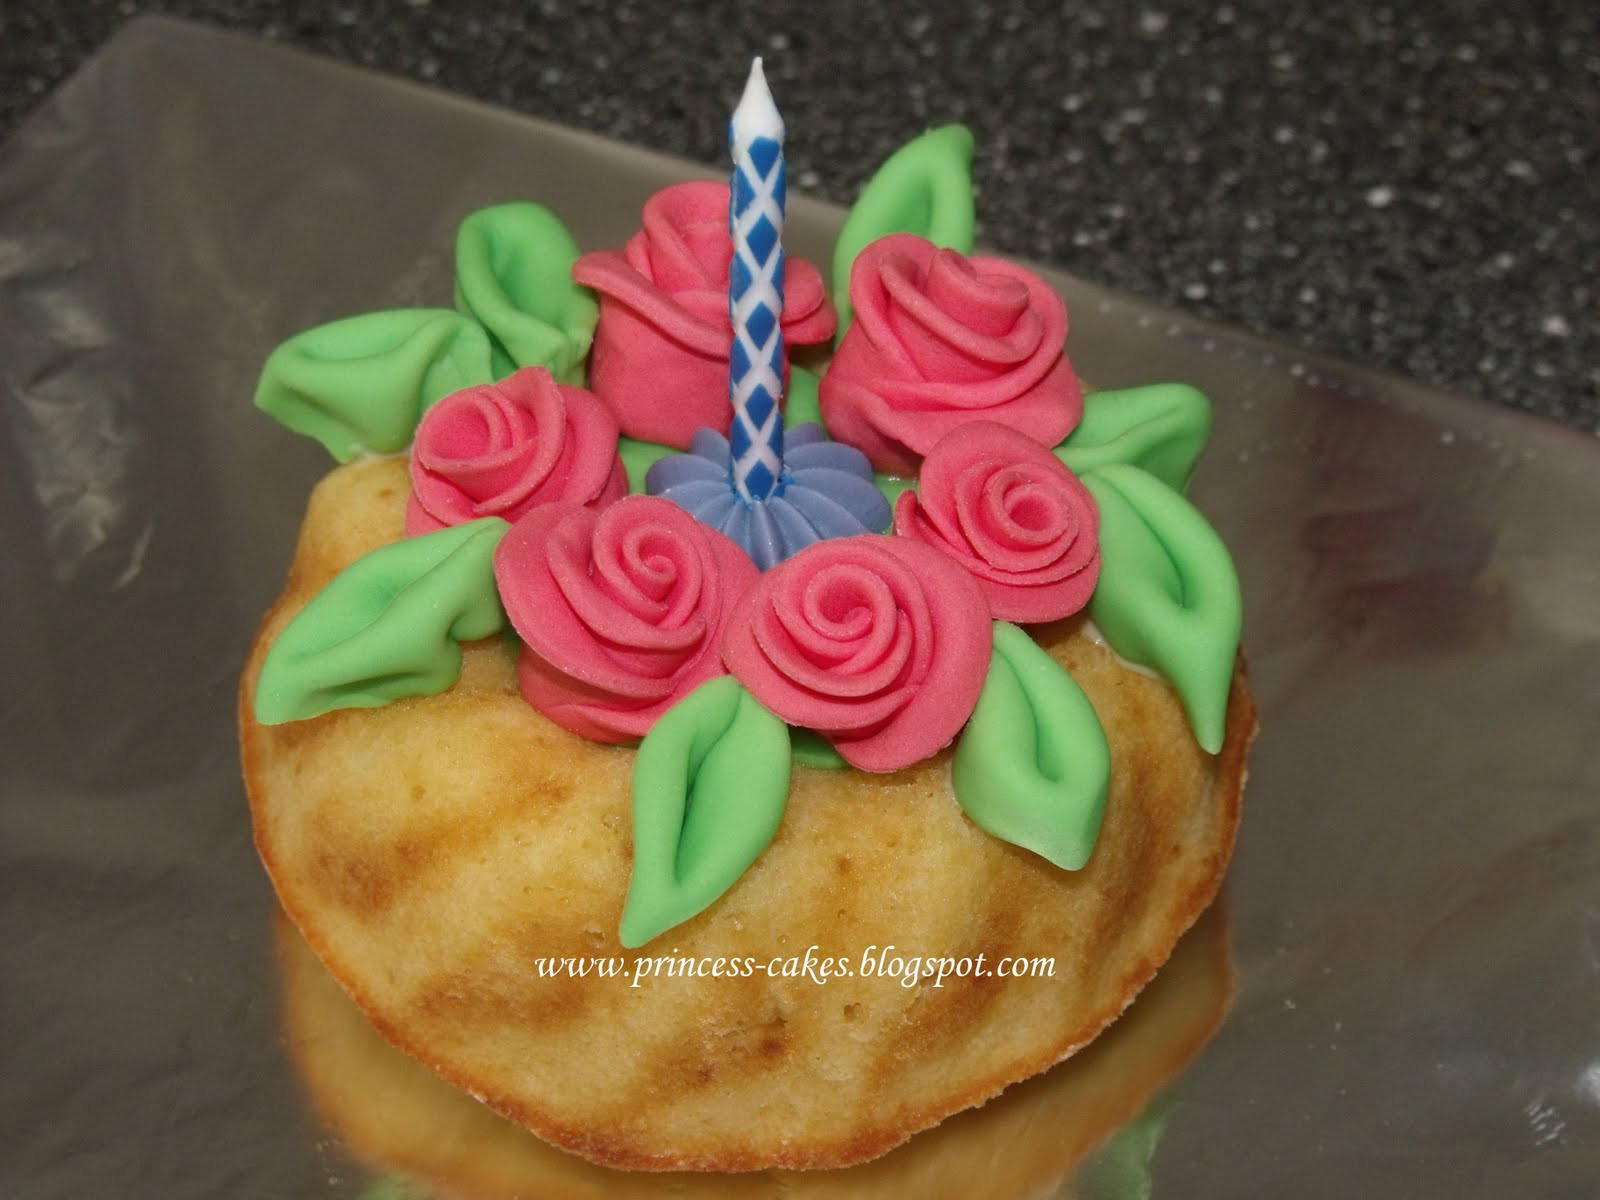 Kleiner Geburtstagskuchen  zuckersüße Tortenträume und mehr kleiner Geburtstagskuchen